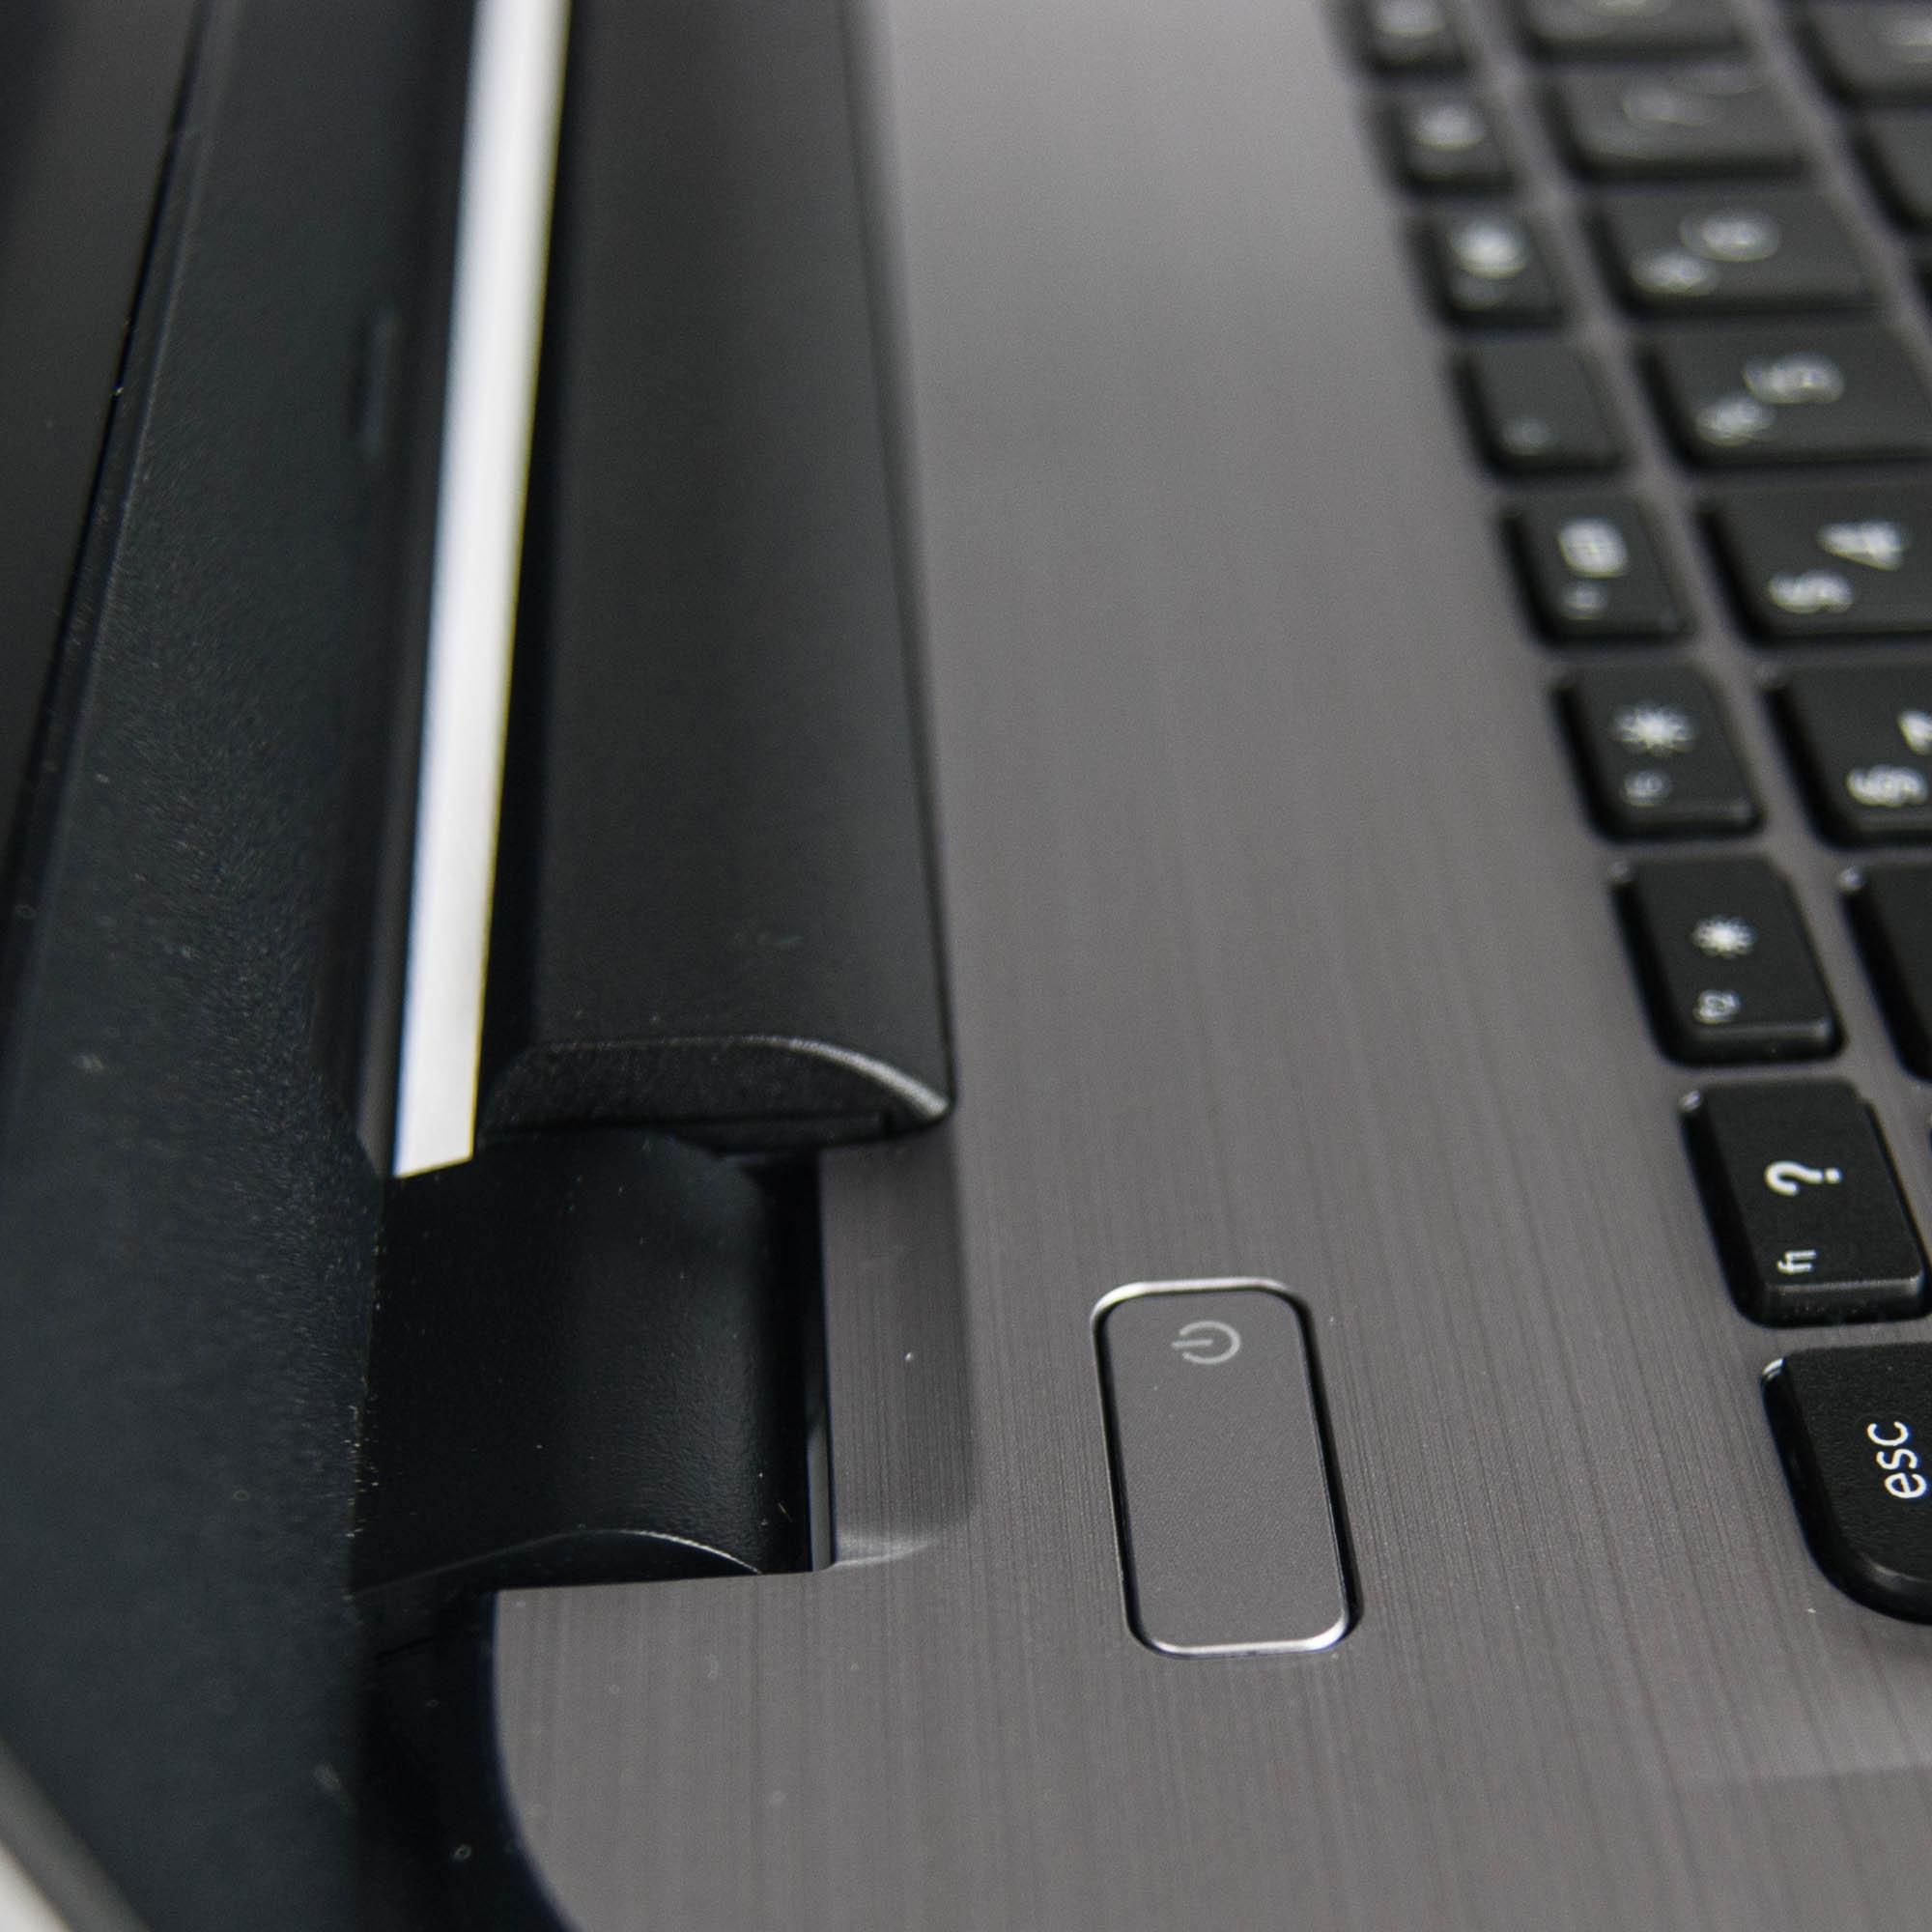 HP 255 G5 mit AMD A6-7310 Quad, 8GB RAM, 1TB, 15,6 Zoll Full-HD matt & Win 10 bei Cyberport